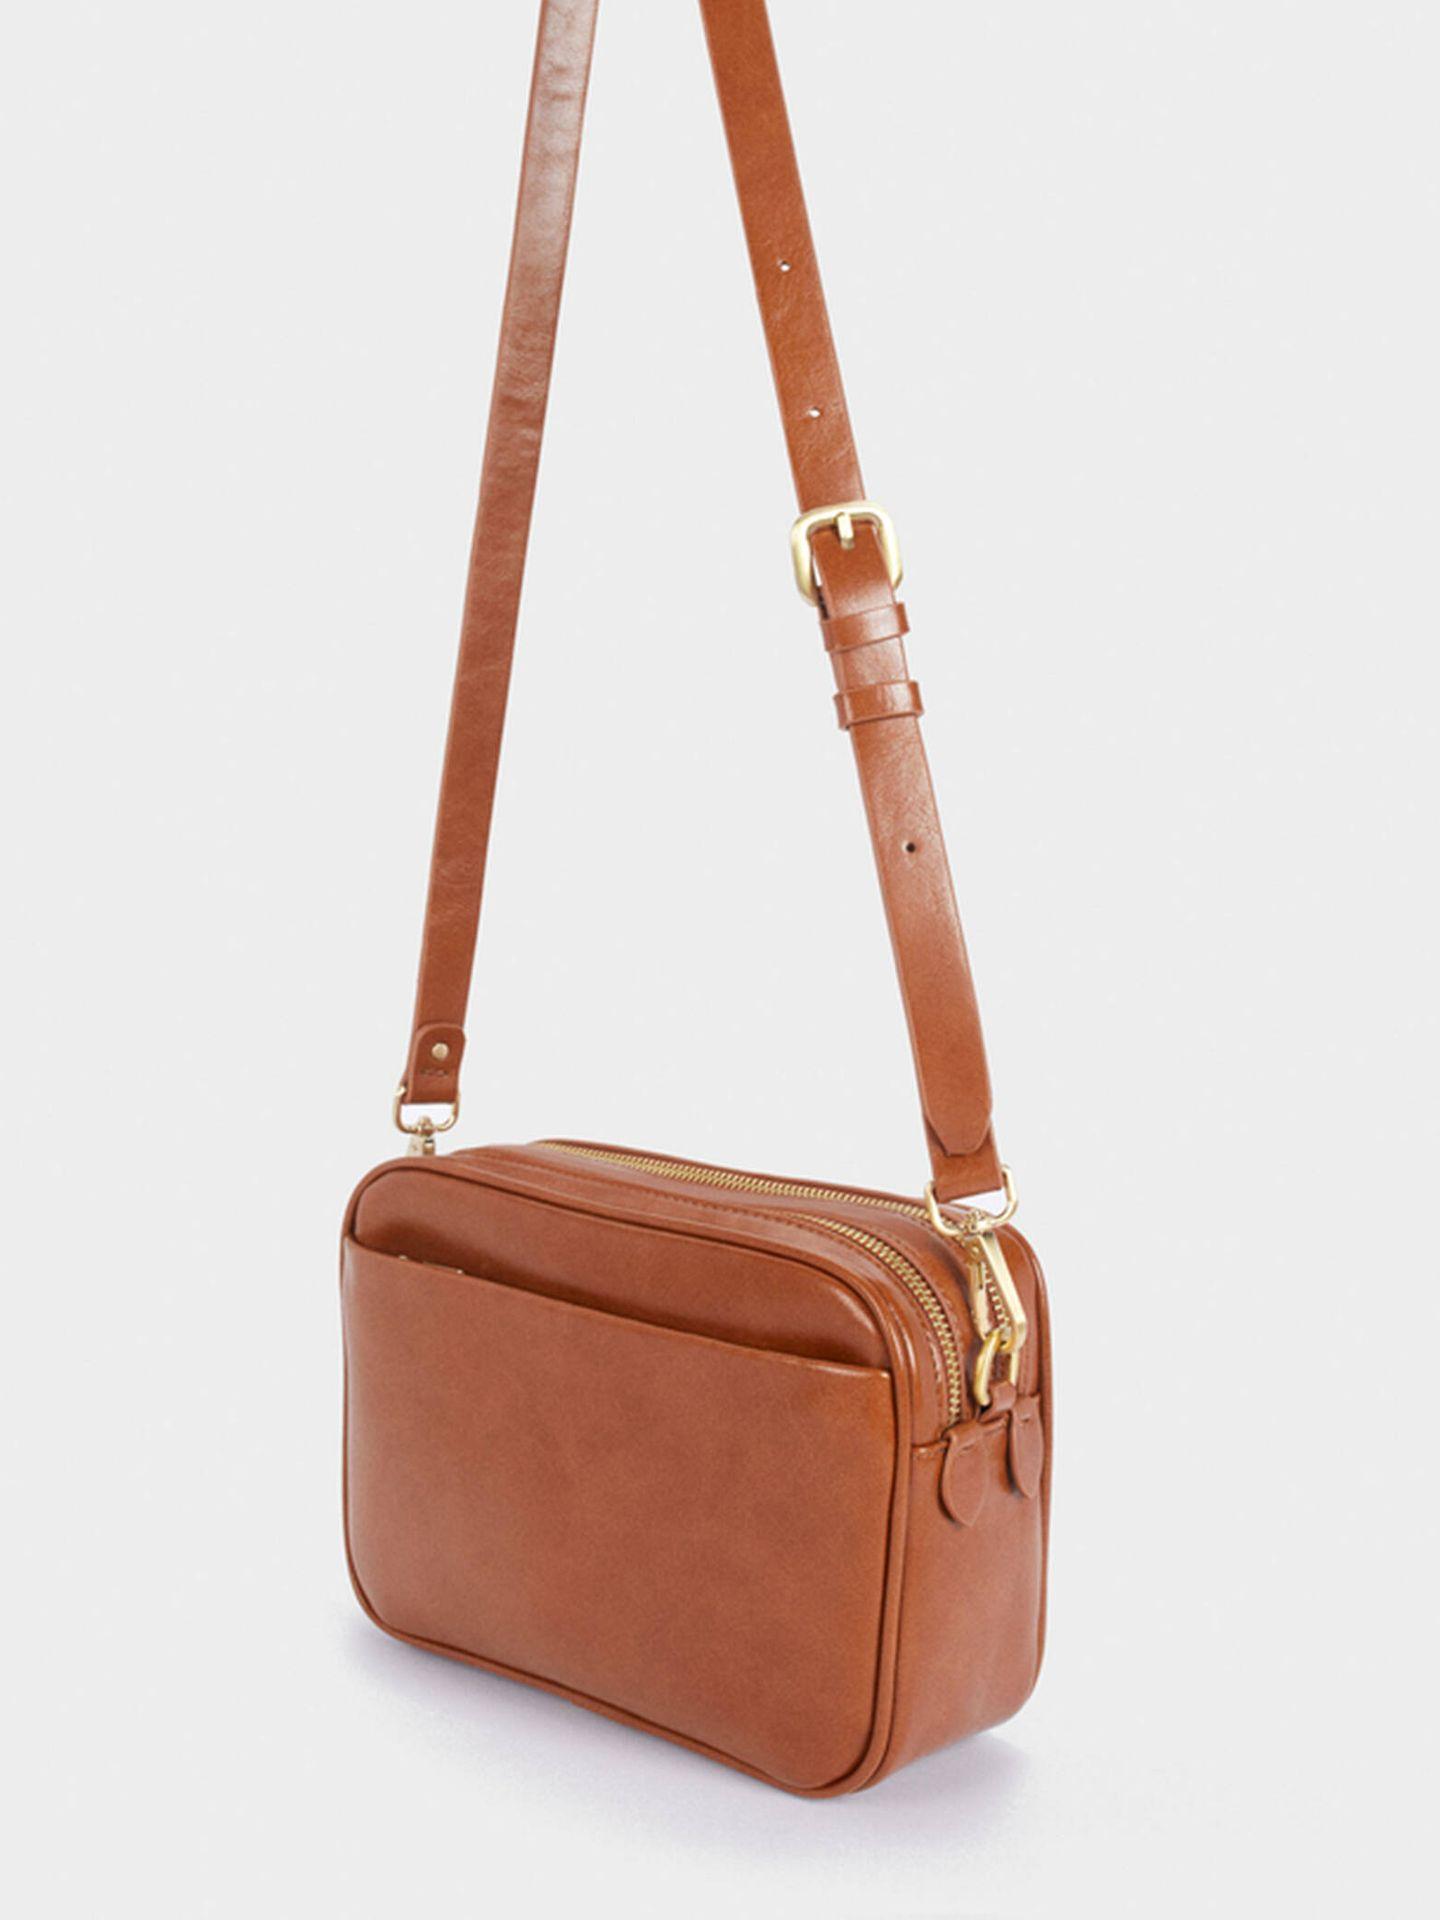 El bolso elegante y de tendencia con asas intercambiables de Parfois. (Cortesía)